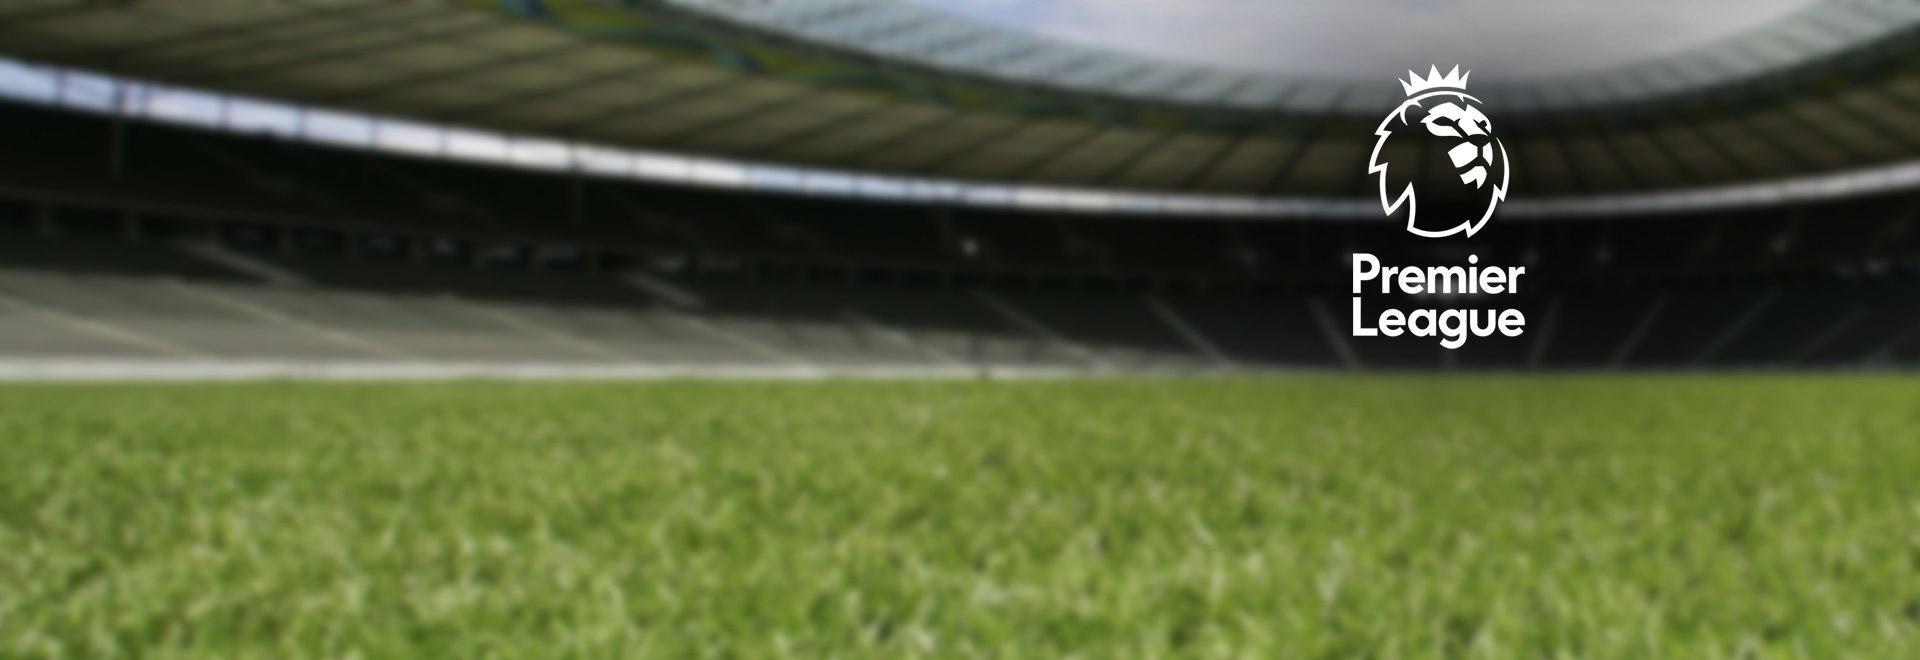 Brighton & Hove Albion - Aston Villa. 24a g.